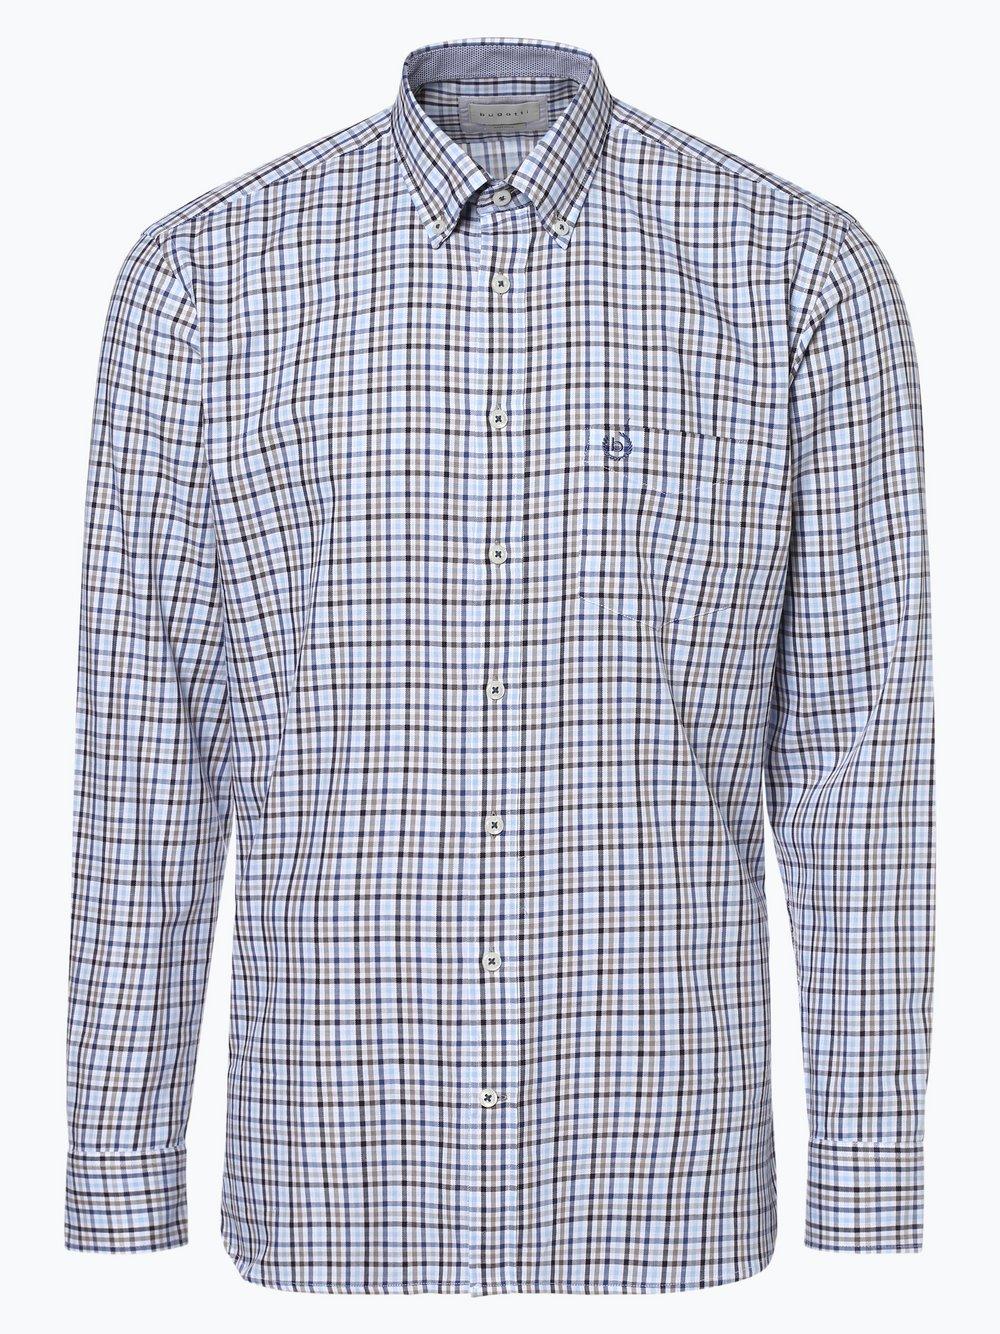 Bugatti Herren Hemd - Bügelleicht  2  online kaufen   PEEK-UND ... d6e1b2bd31